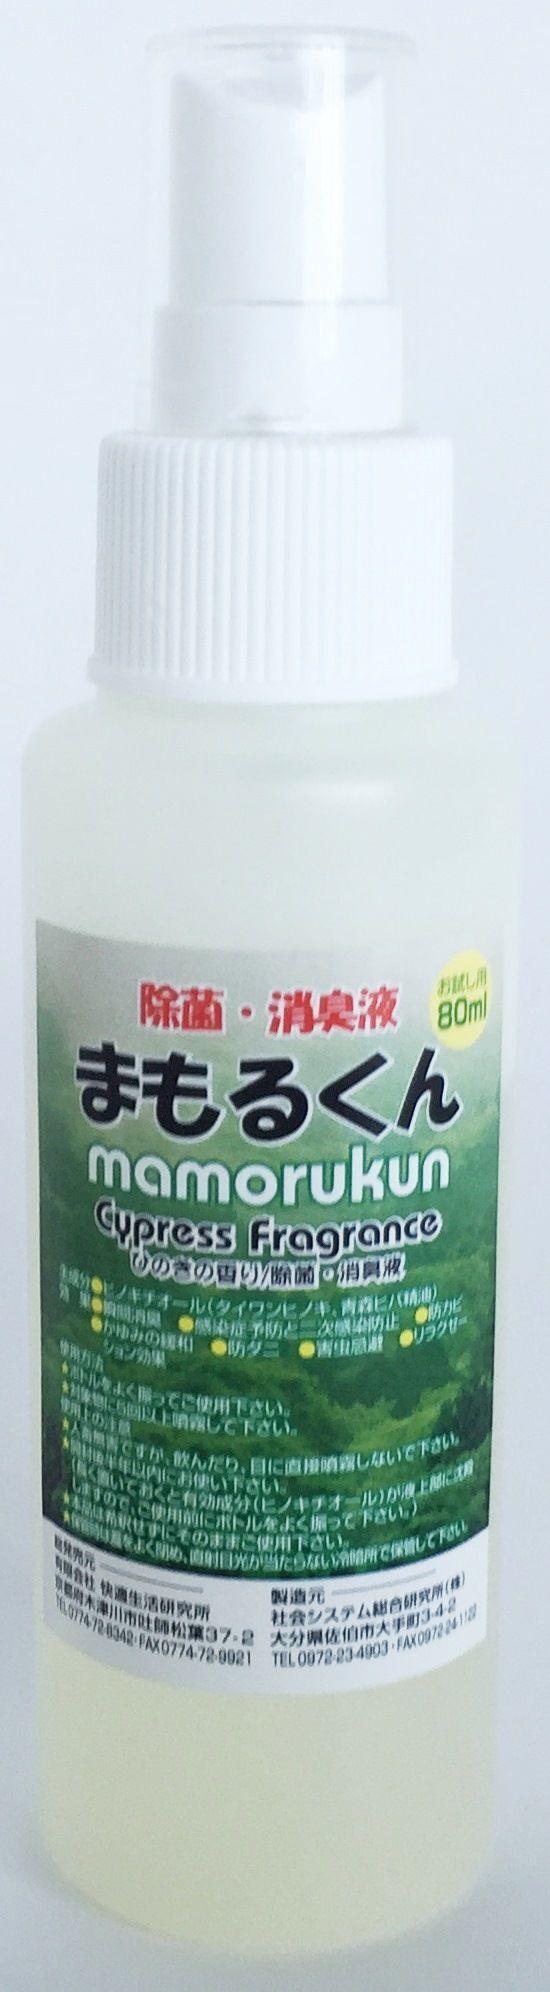 ヒノキチオールからできた除菌消臭リフレッシュ【まもるくん(詰め替え用)80ml】